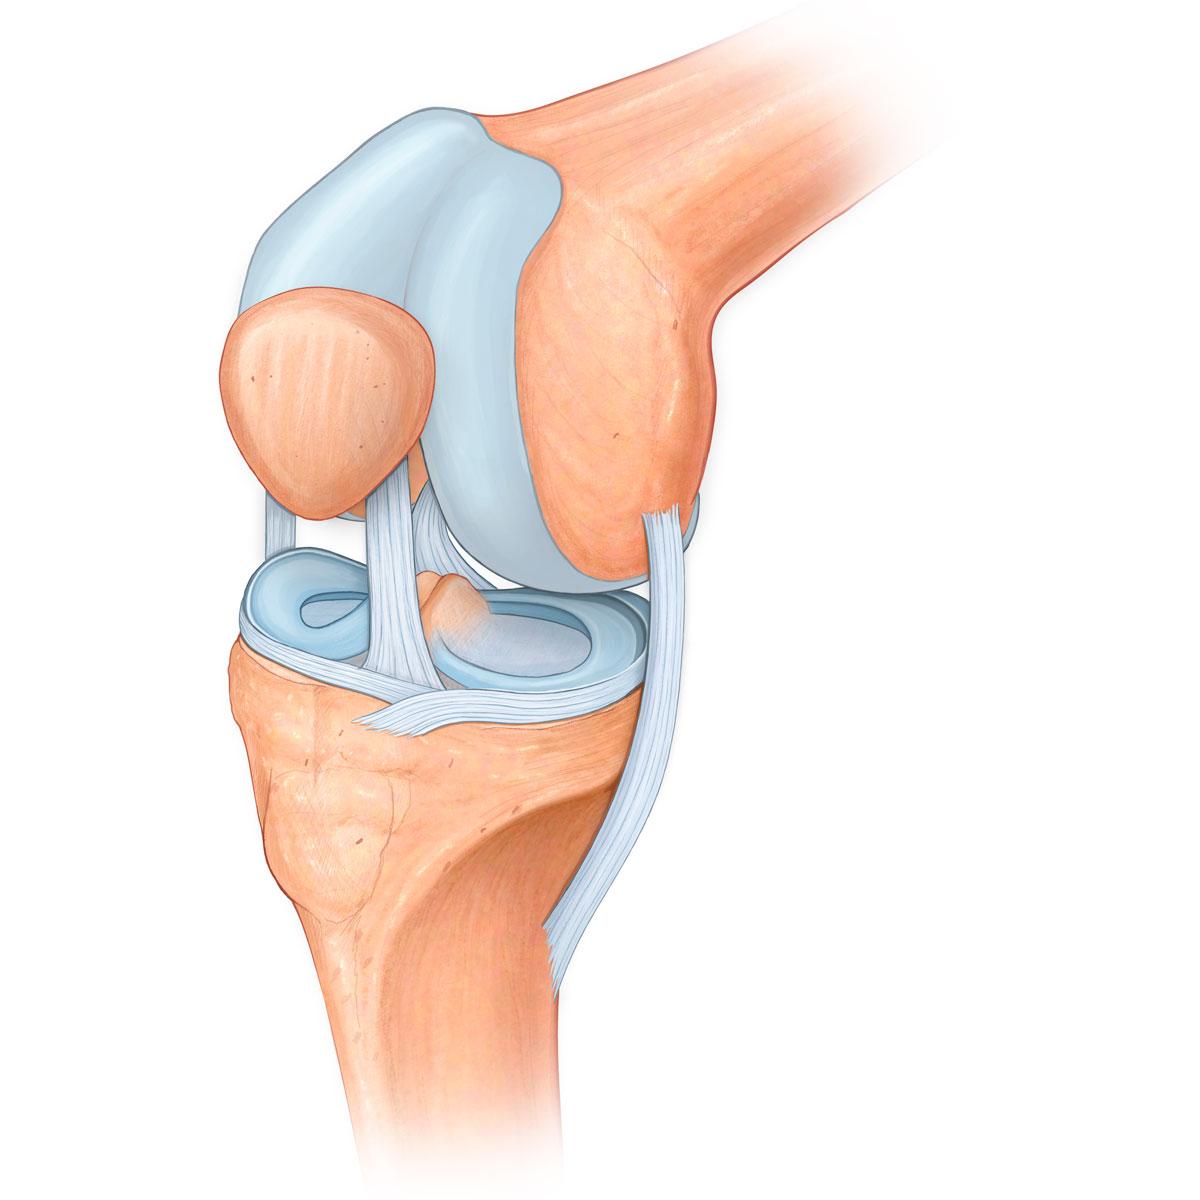 картинка колена человека половинок срезается нижняя